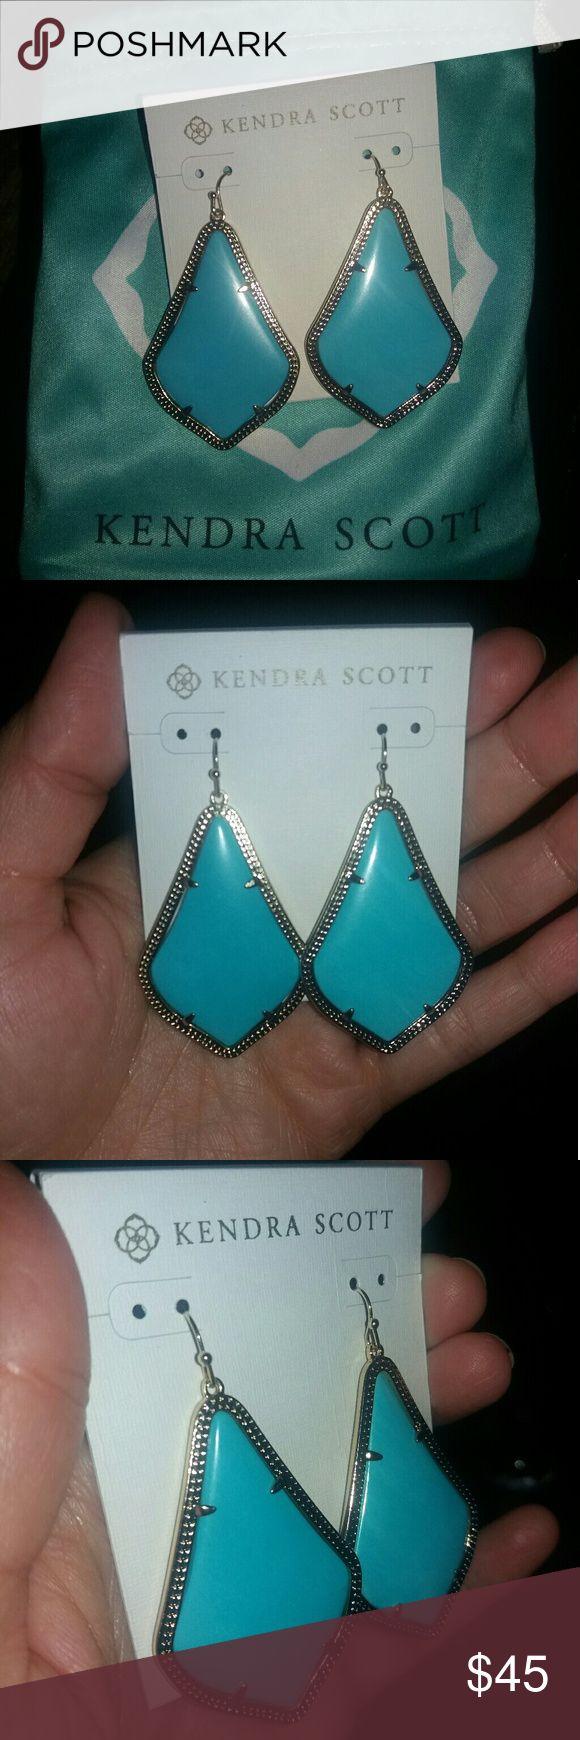 Kendra Scott Earrings Turquoise stone drop earrings Kendra Scott Jewelry Earrings